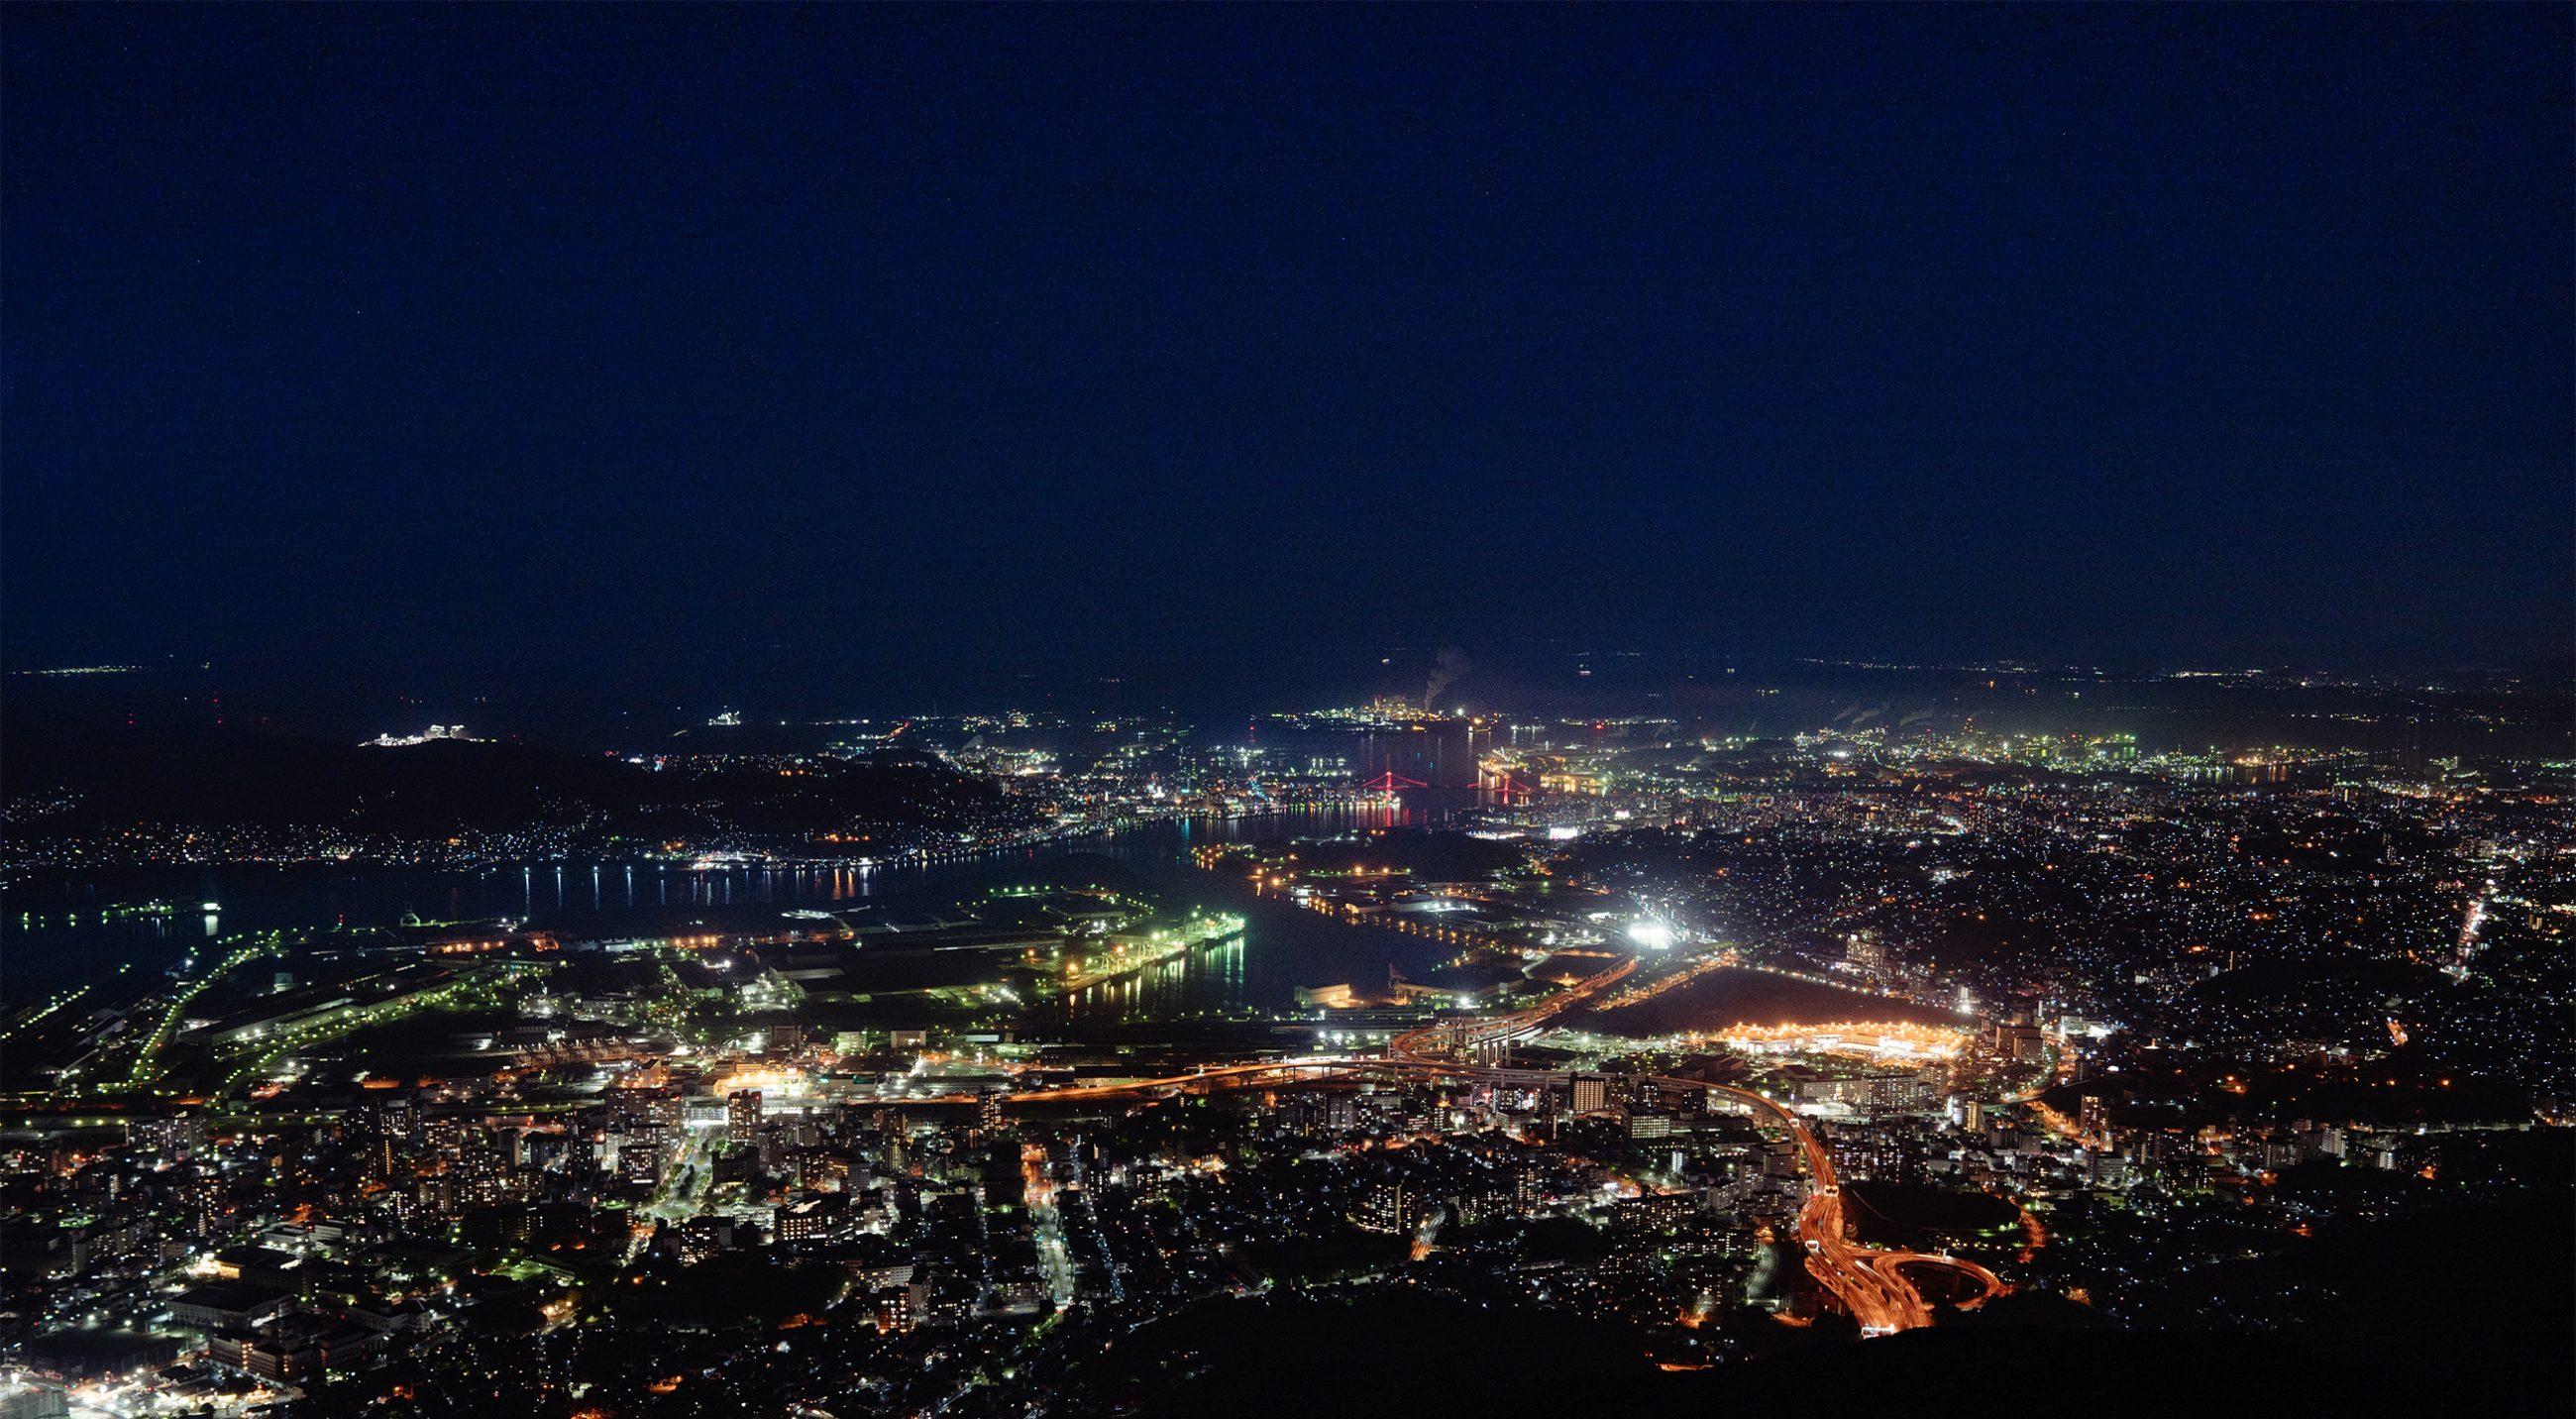 Ba điểm ngắm cảnh đêm đẹp nhất của Nhật Bản